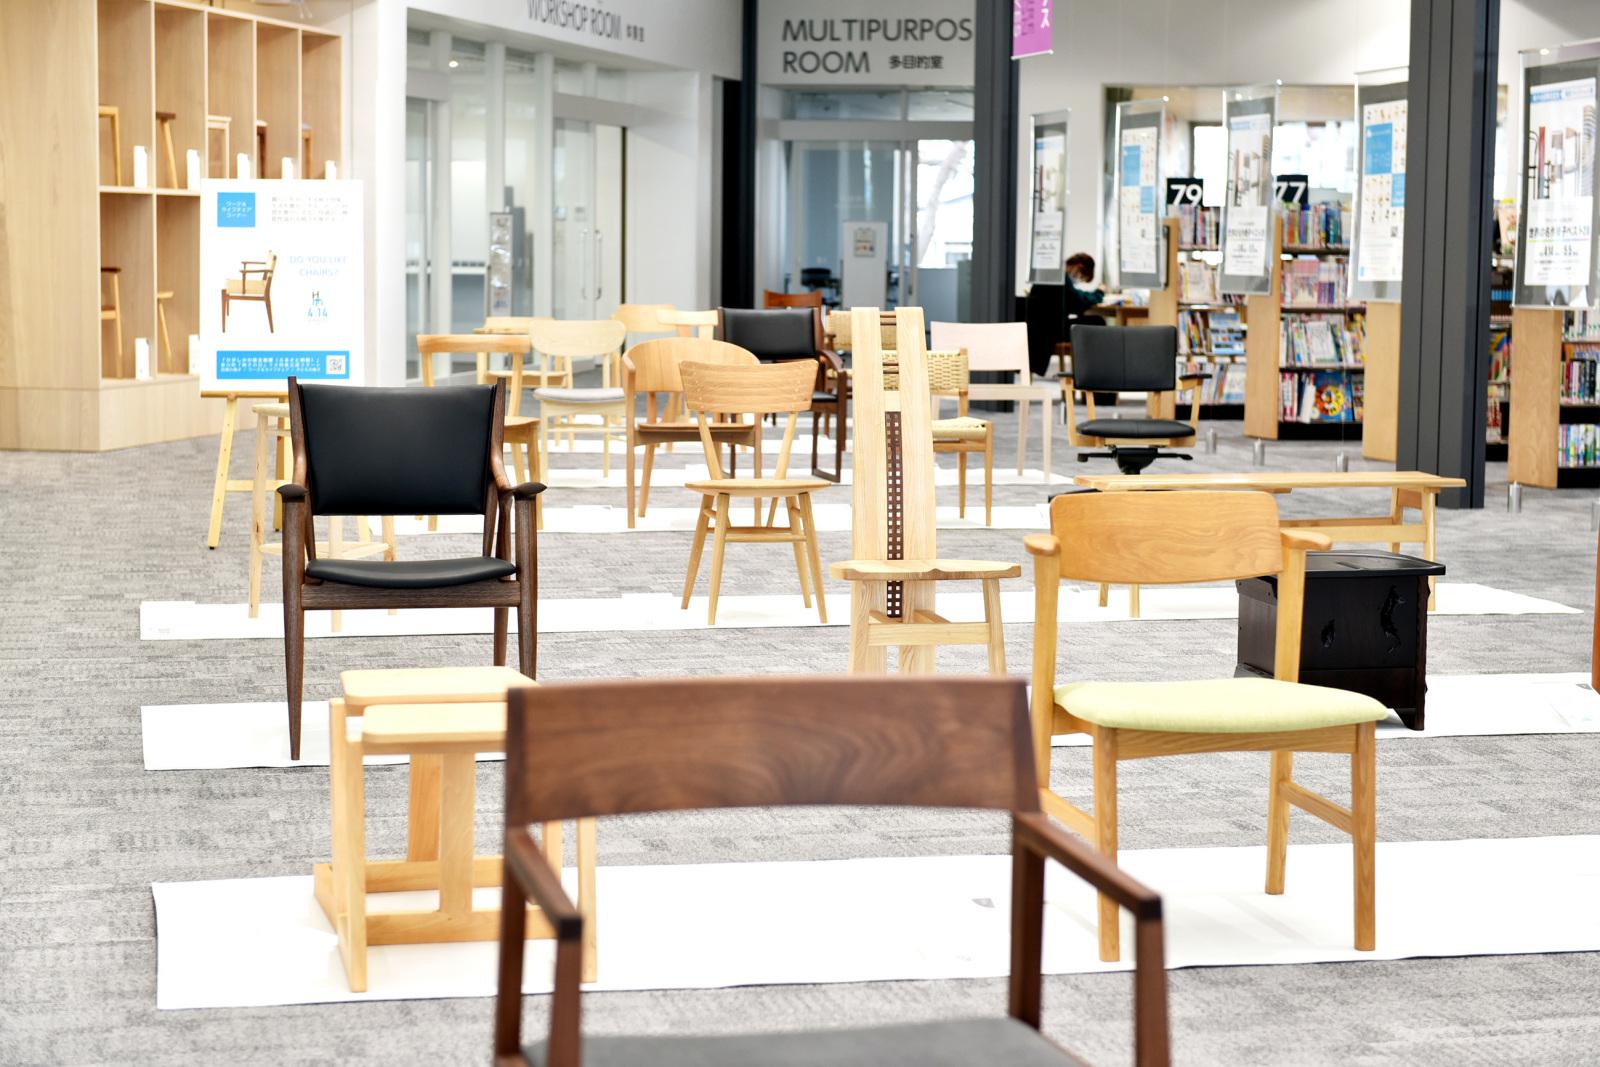 隈さんと木工事業所が連携した椅子のほか、町内の事業所が製作している「自慢の椅子/ライフ&ワークの椅子/子ども向け椅子」が5月5日まで『せんとぴゅあⅡ』で展示されている。